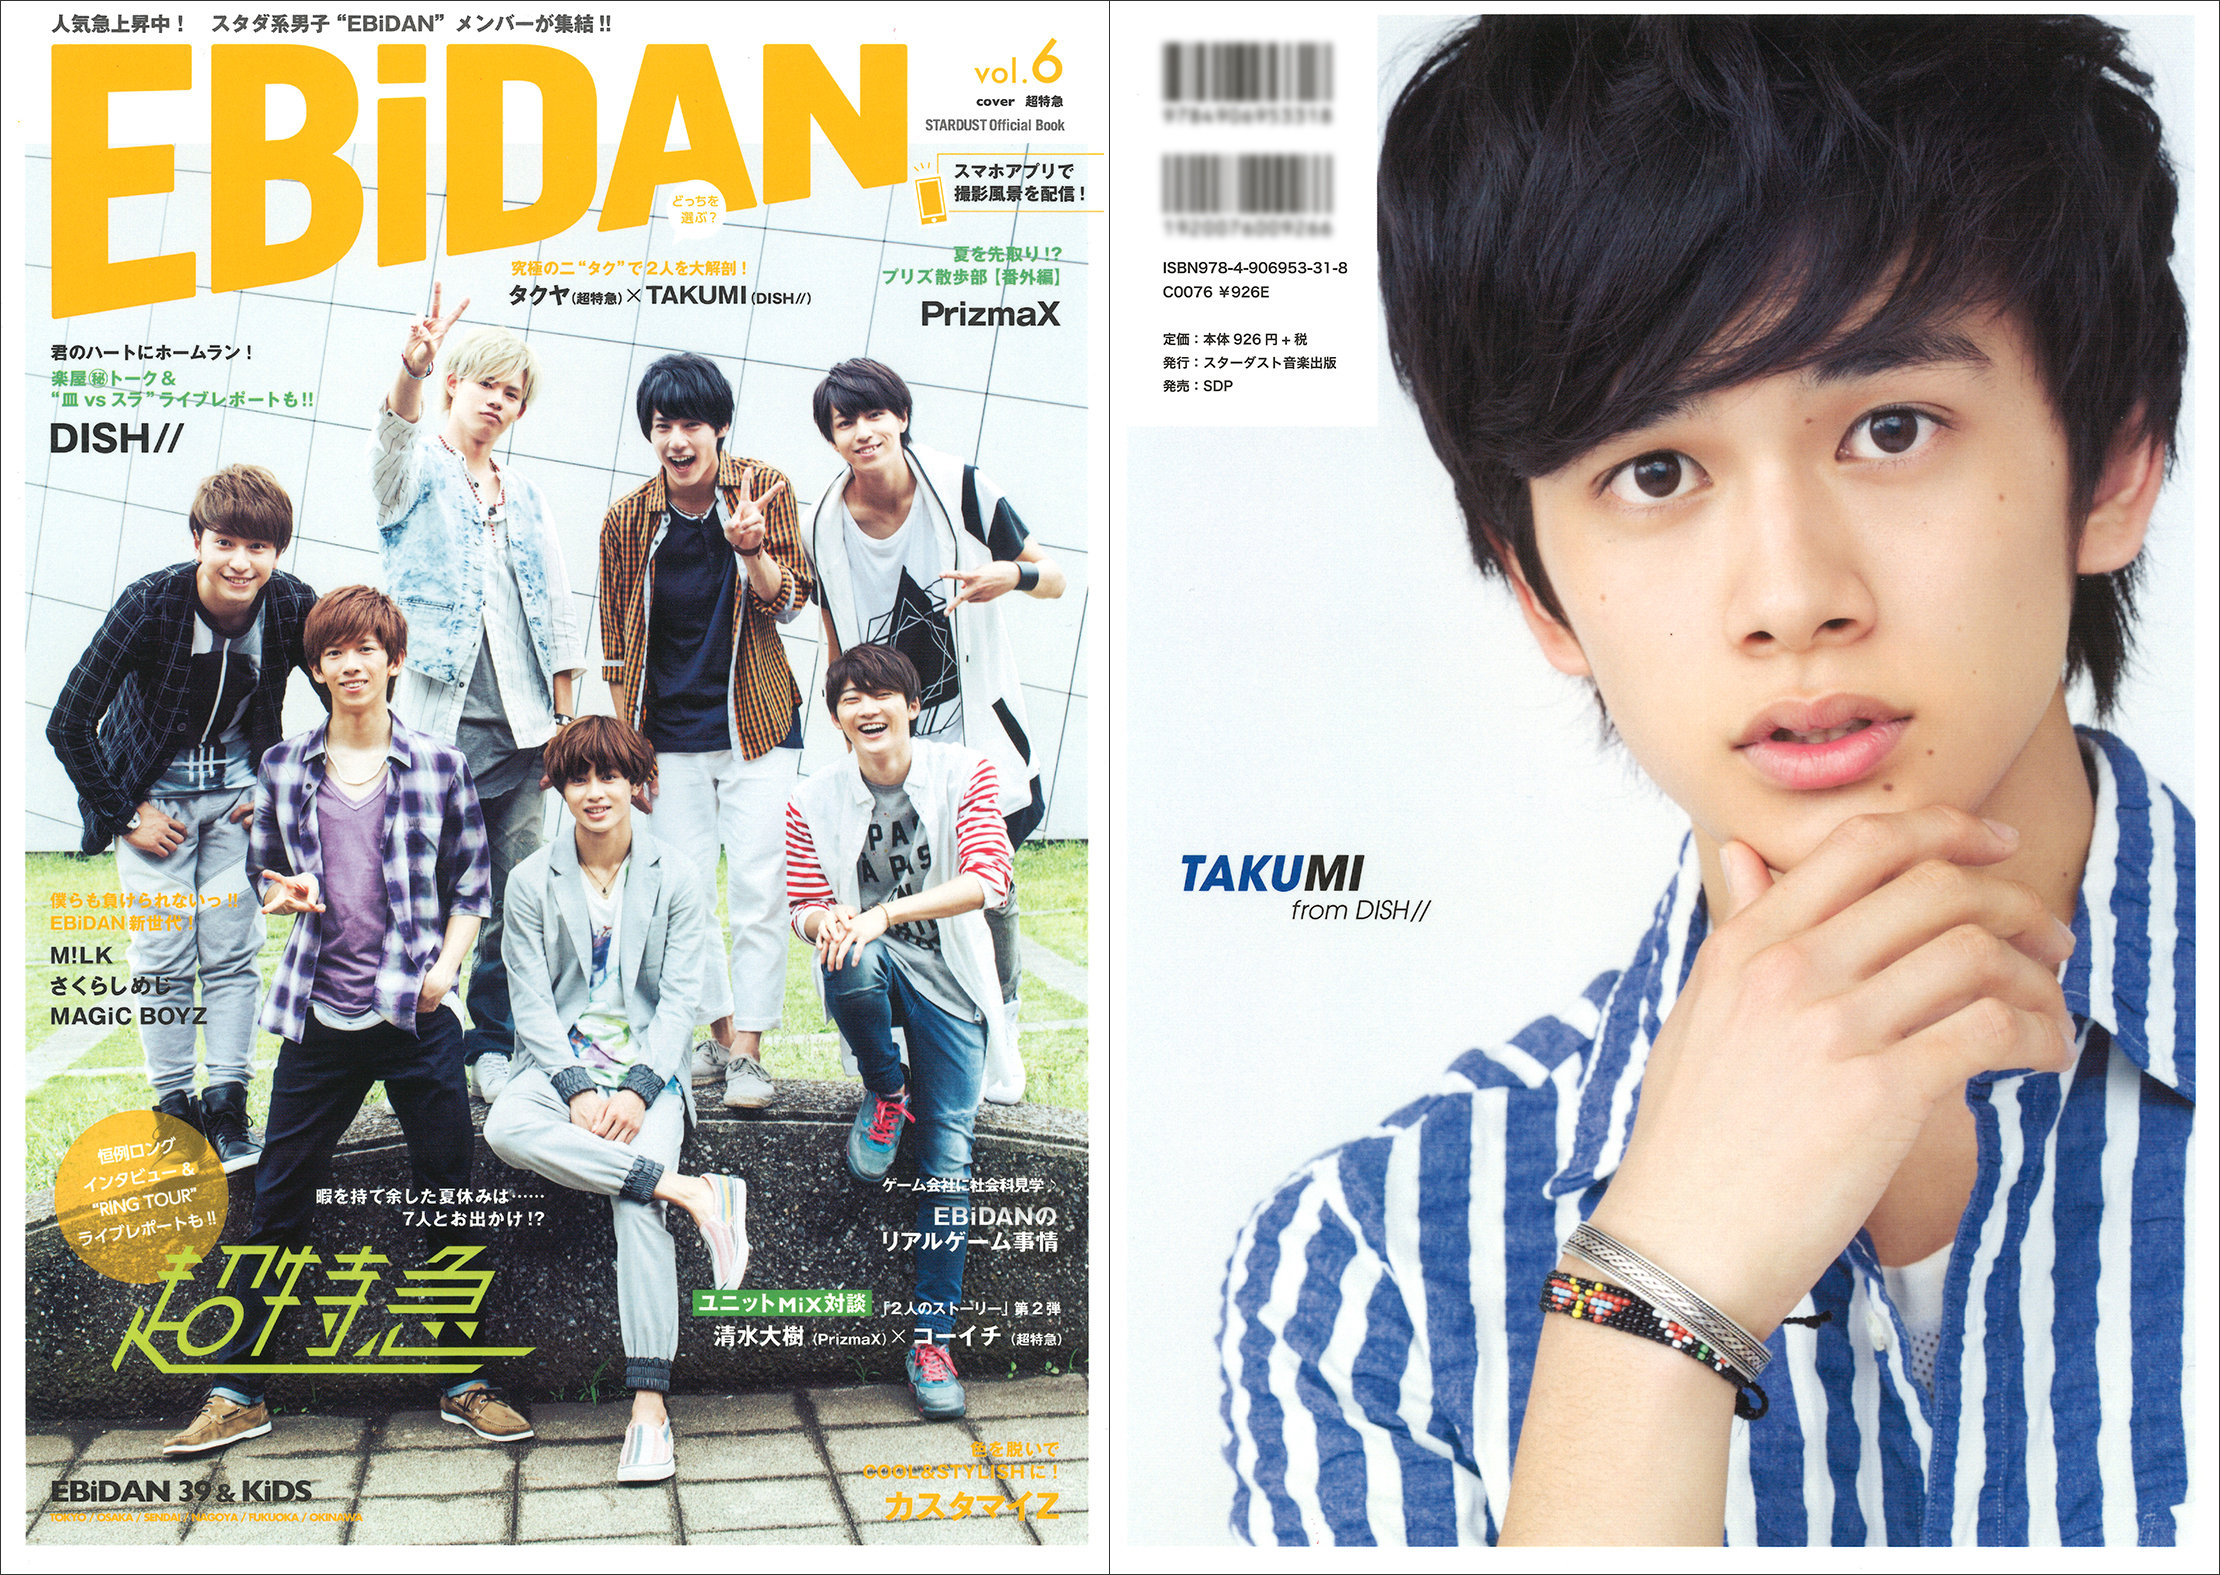 オフィシャルブック『EBiDAN vol.6』【通常版表紙】